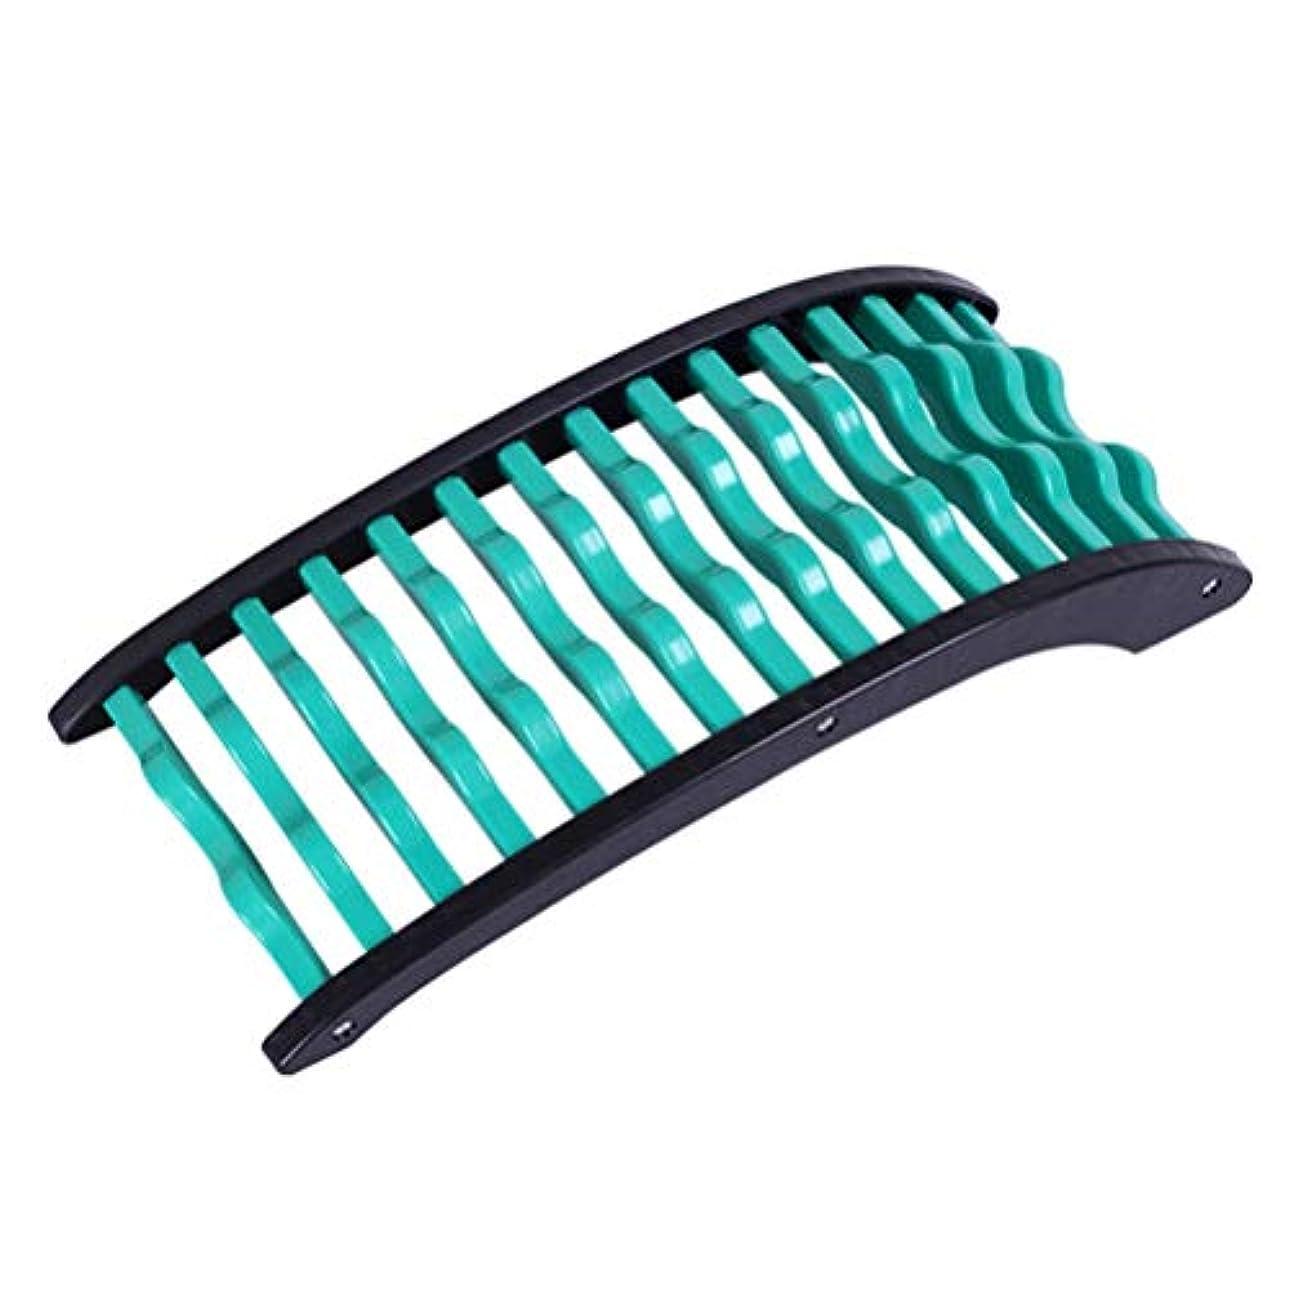 咽頭草ほかにバックストレッチャー 腰椎矯正 腰痛リリーフ弧状腰椎引っ張りマッサージ器 寝るだけ簡単 ストレッチ (Color : 緑)